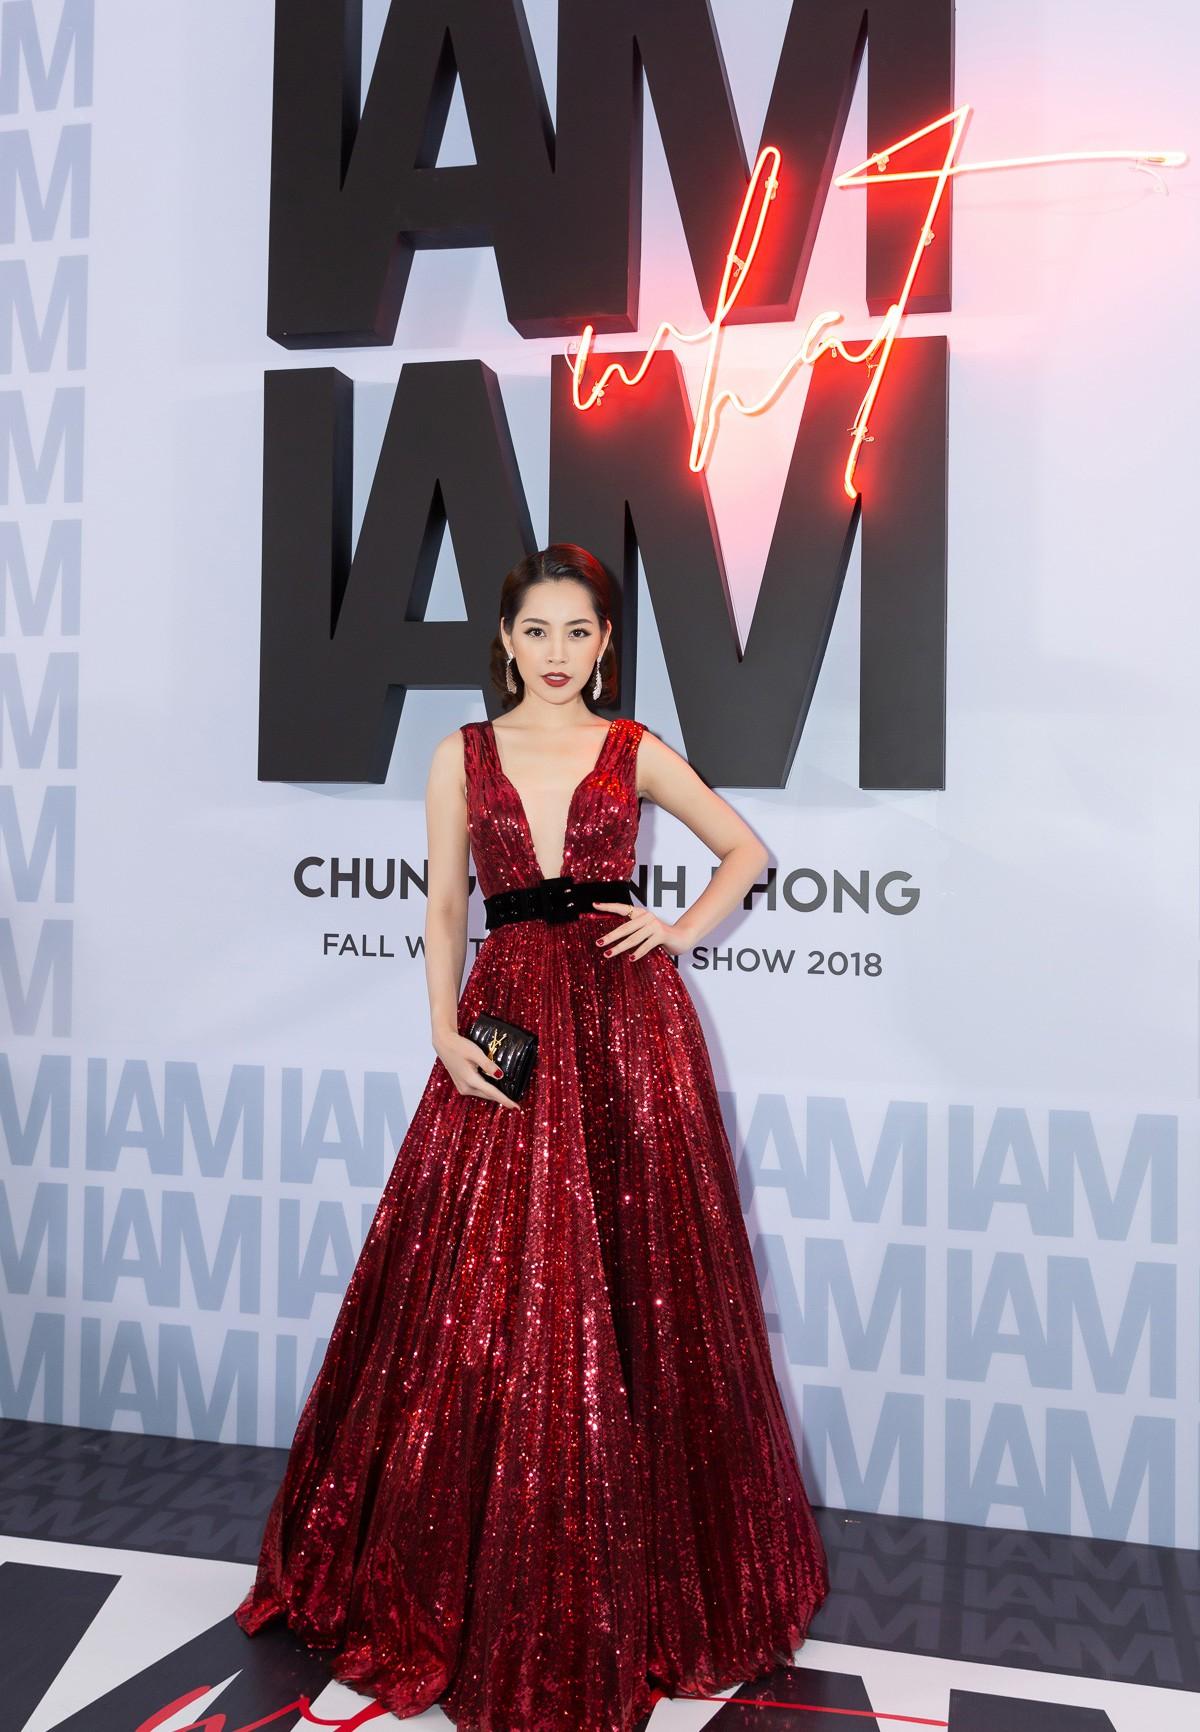 Thảm đỏ show Chung Thanh Phong: Khi dàn sao nữ đồng loạt lên đồ như dự lễ hội Halloween - Ảnh 1